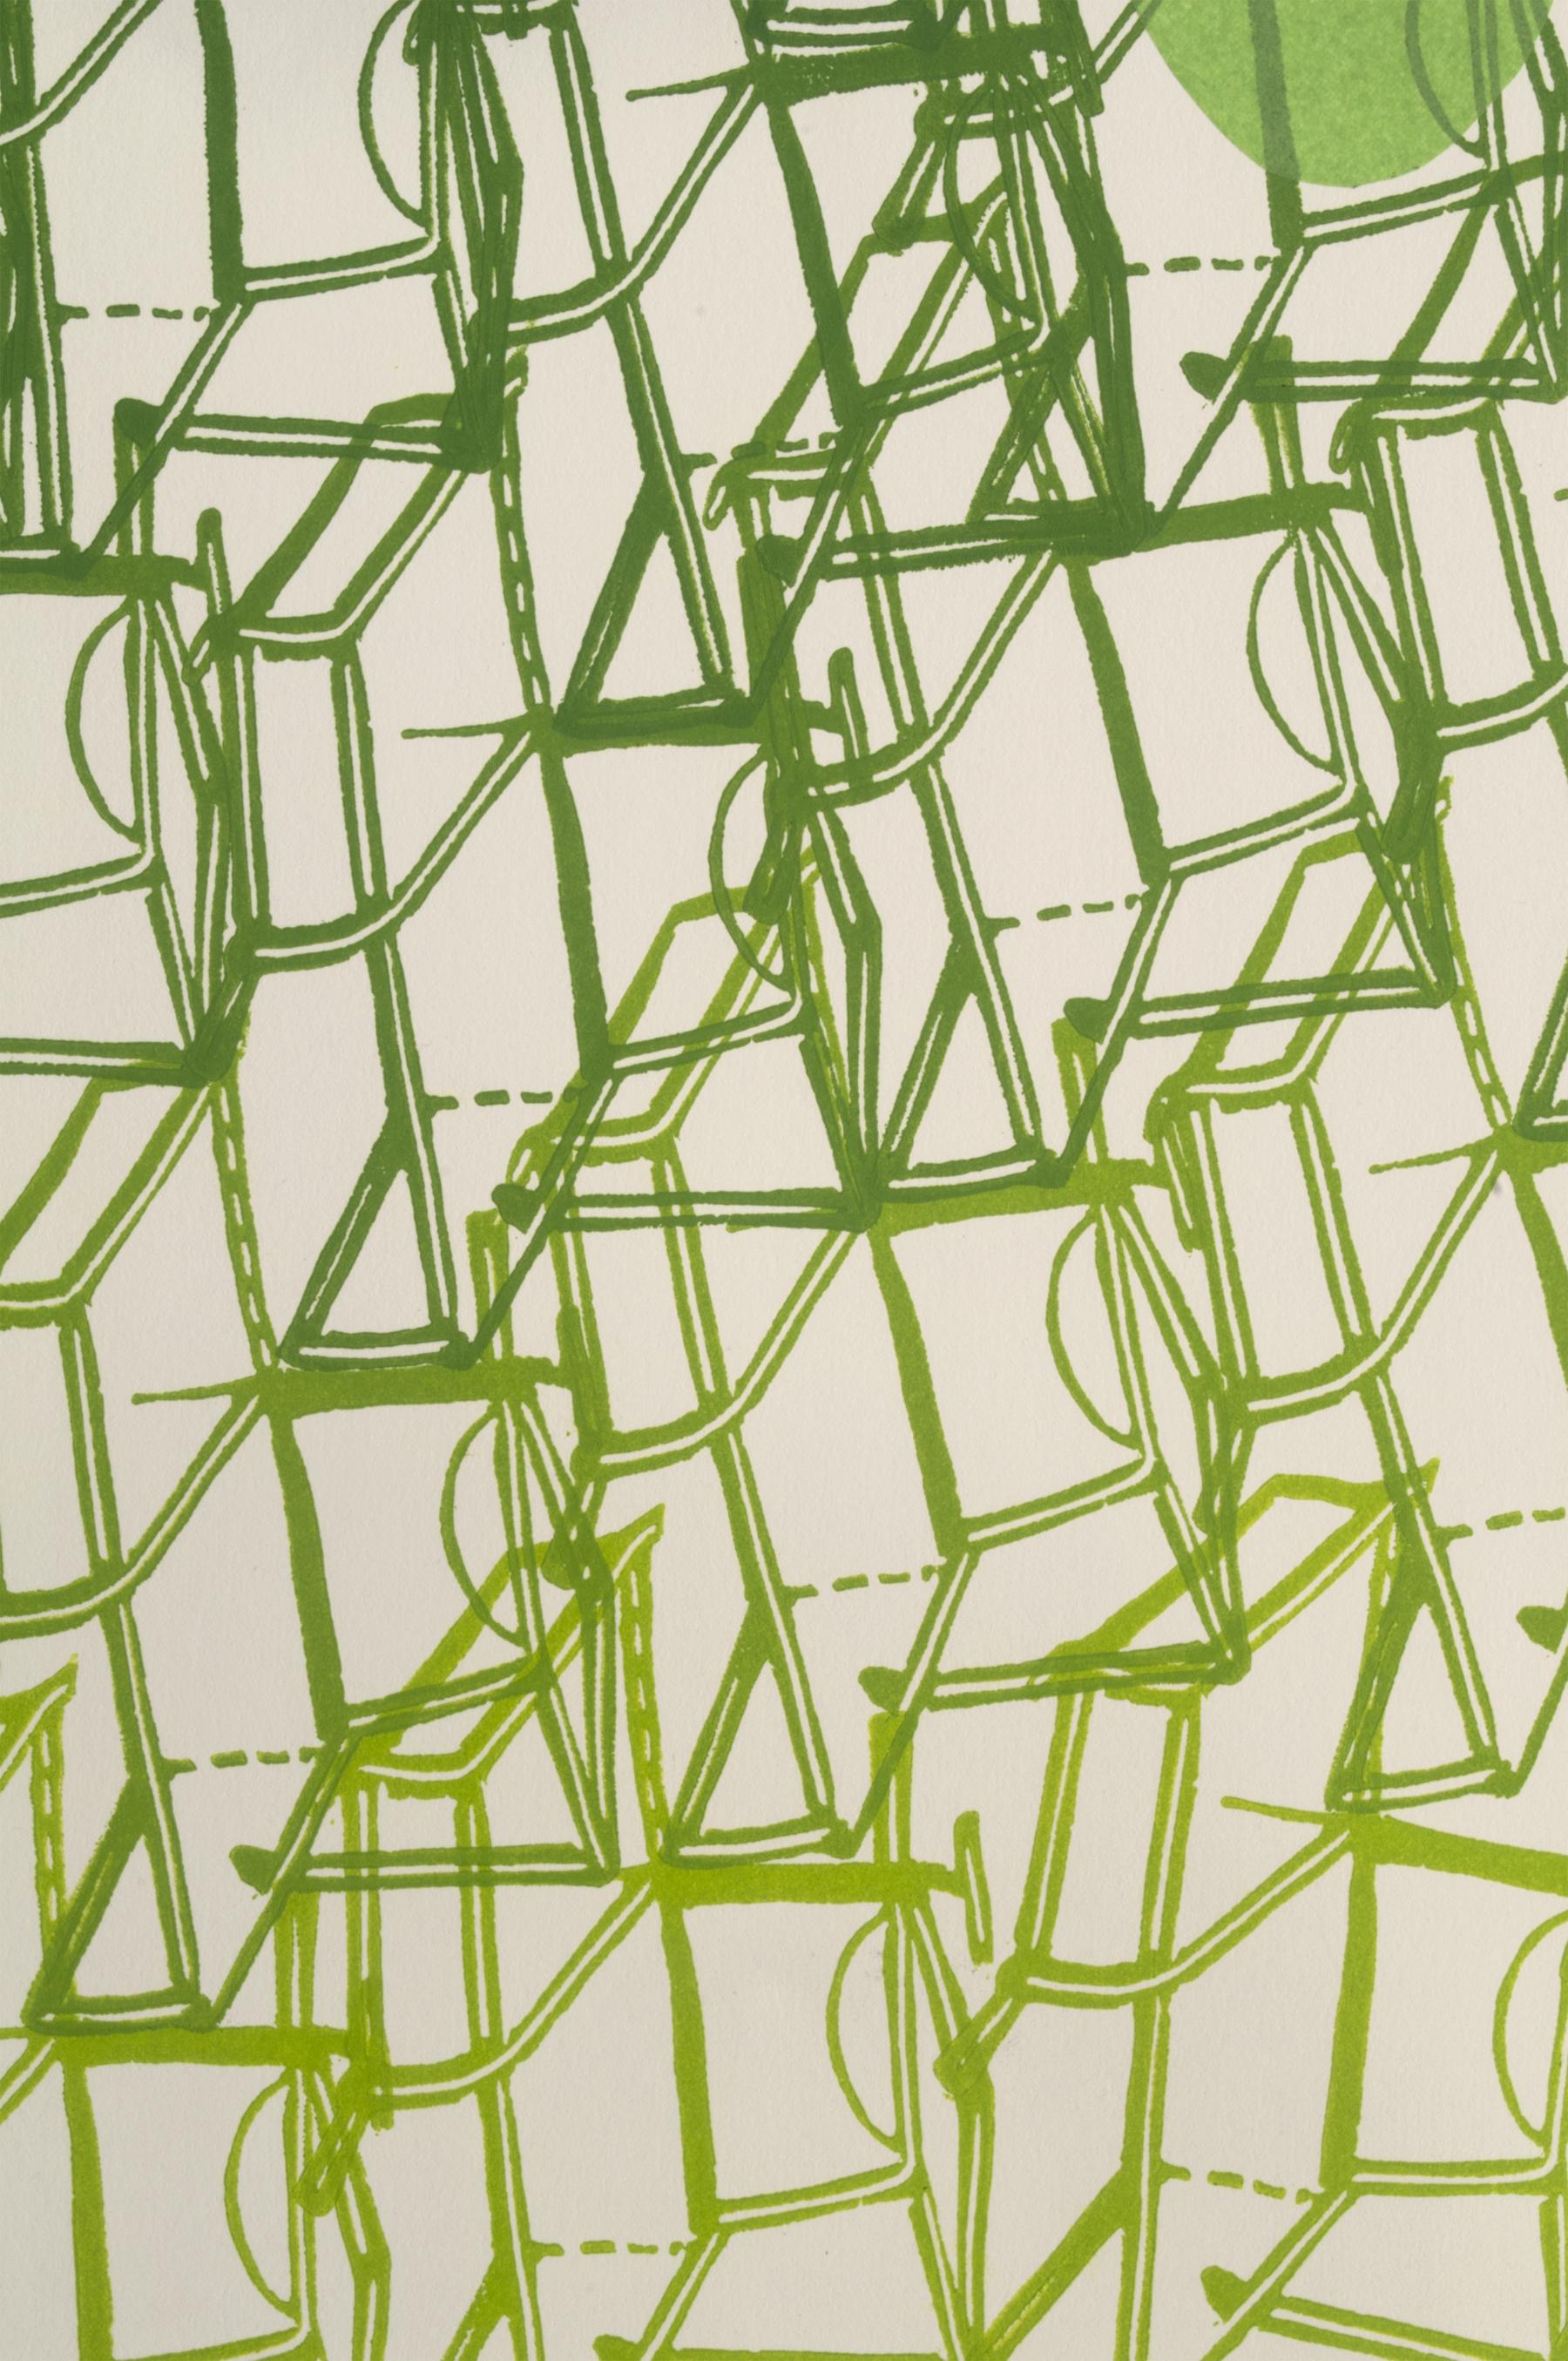 untitled pile detail 2.jpg